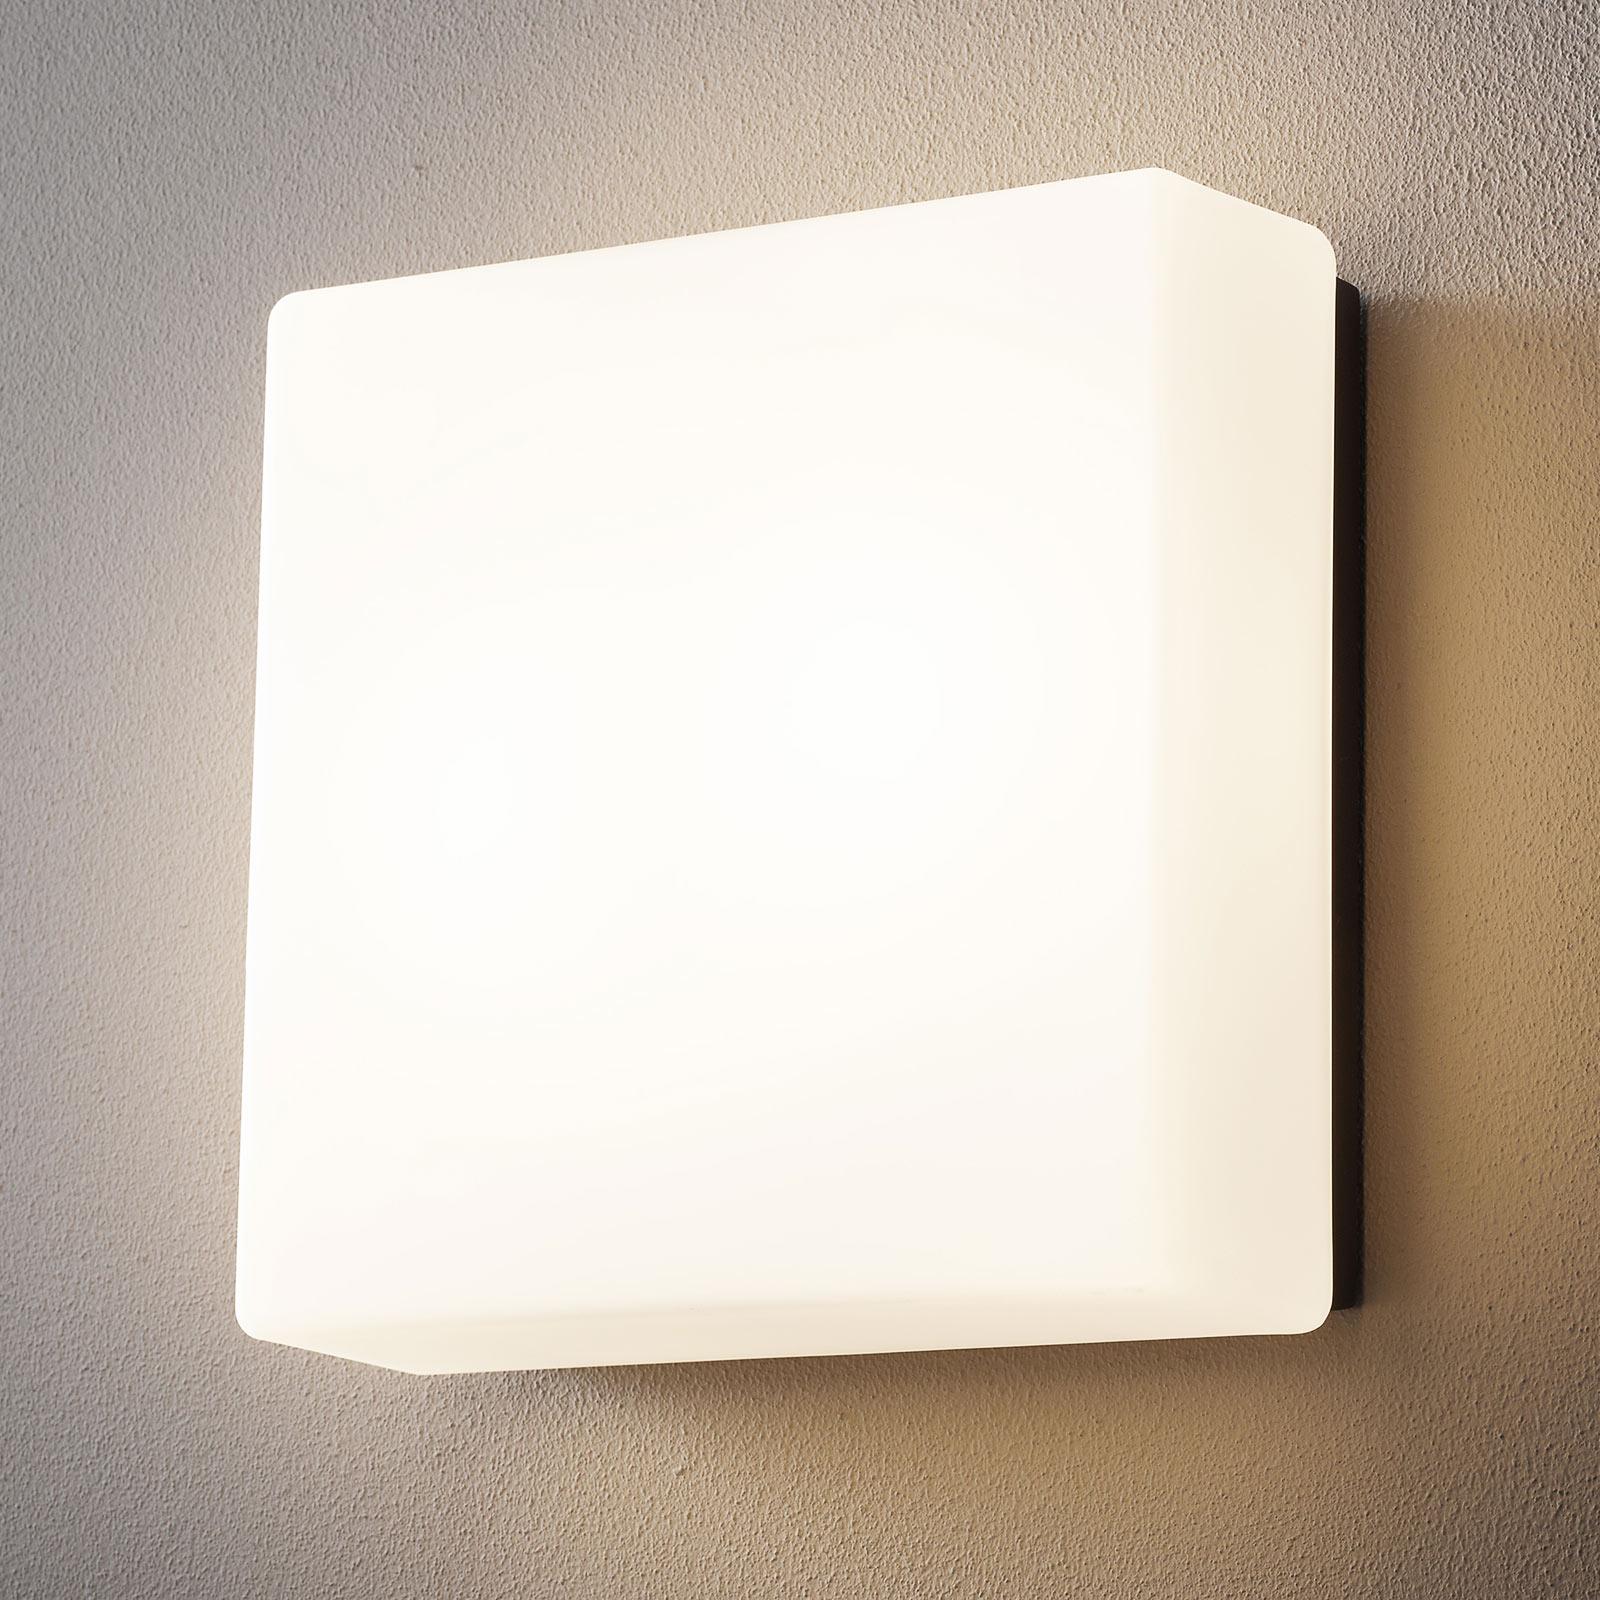 BEGA module 38302 applique LED 32x32cm